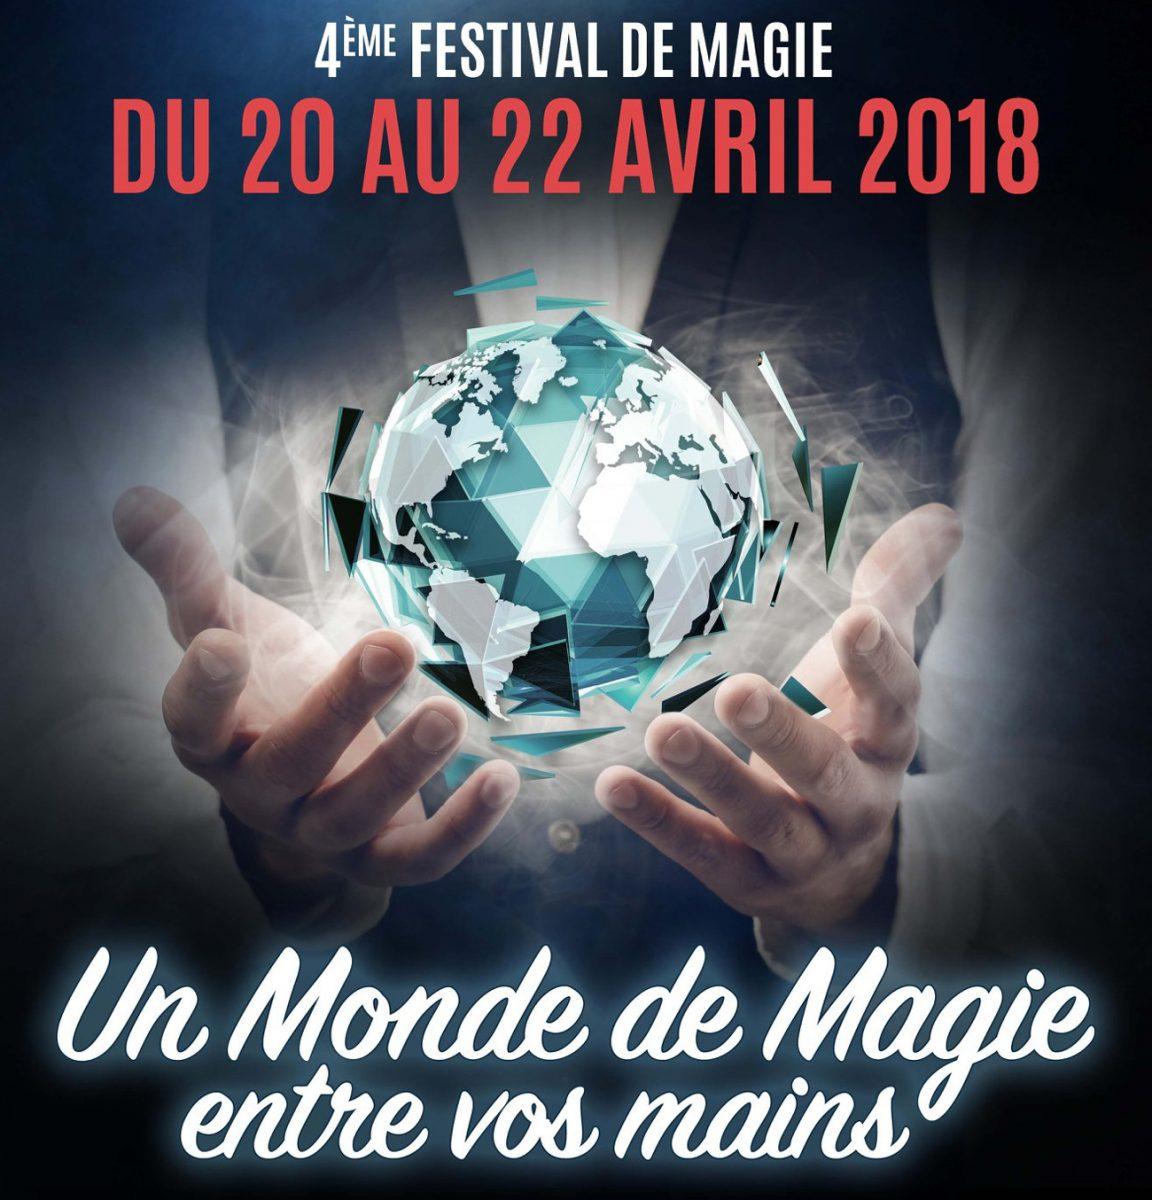 Festival de magie : Amnéville réunit 7 champions du monde